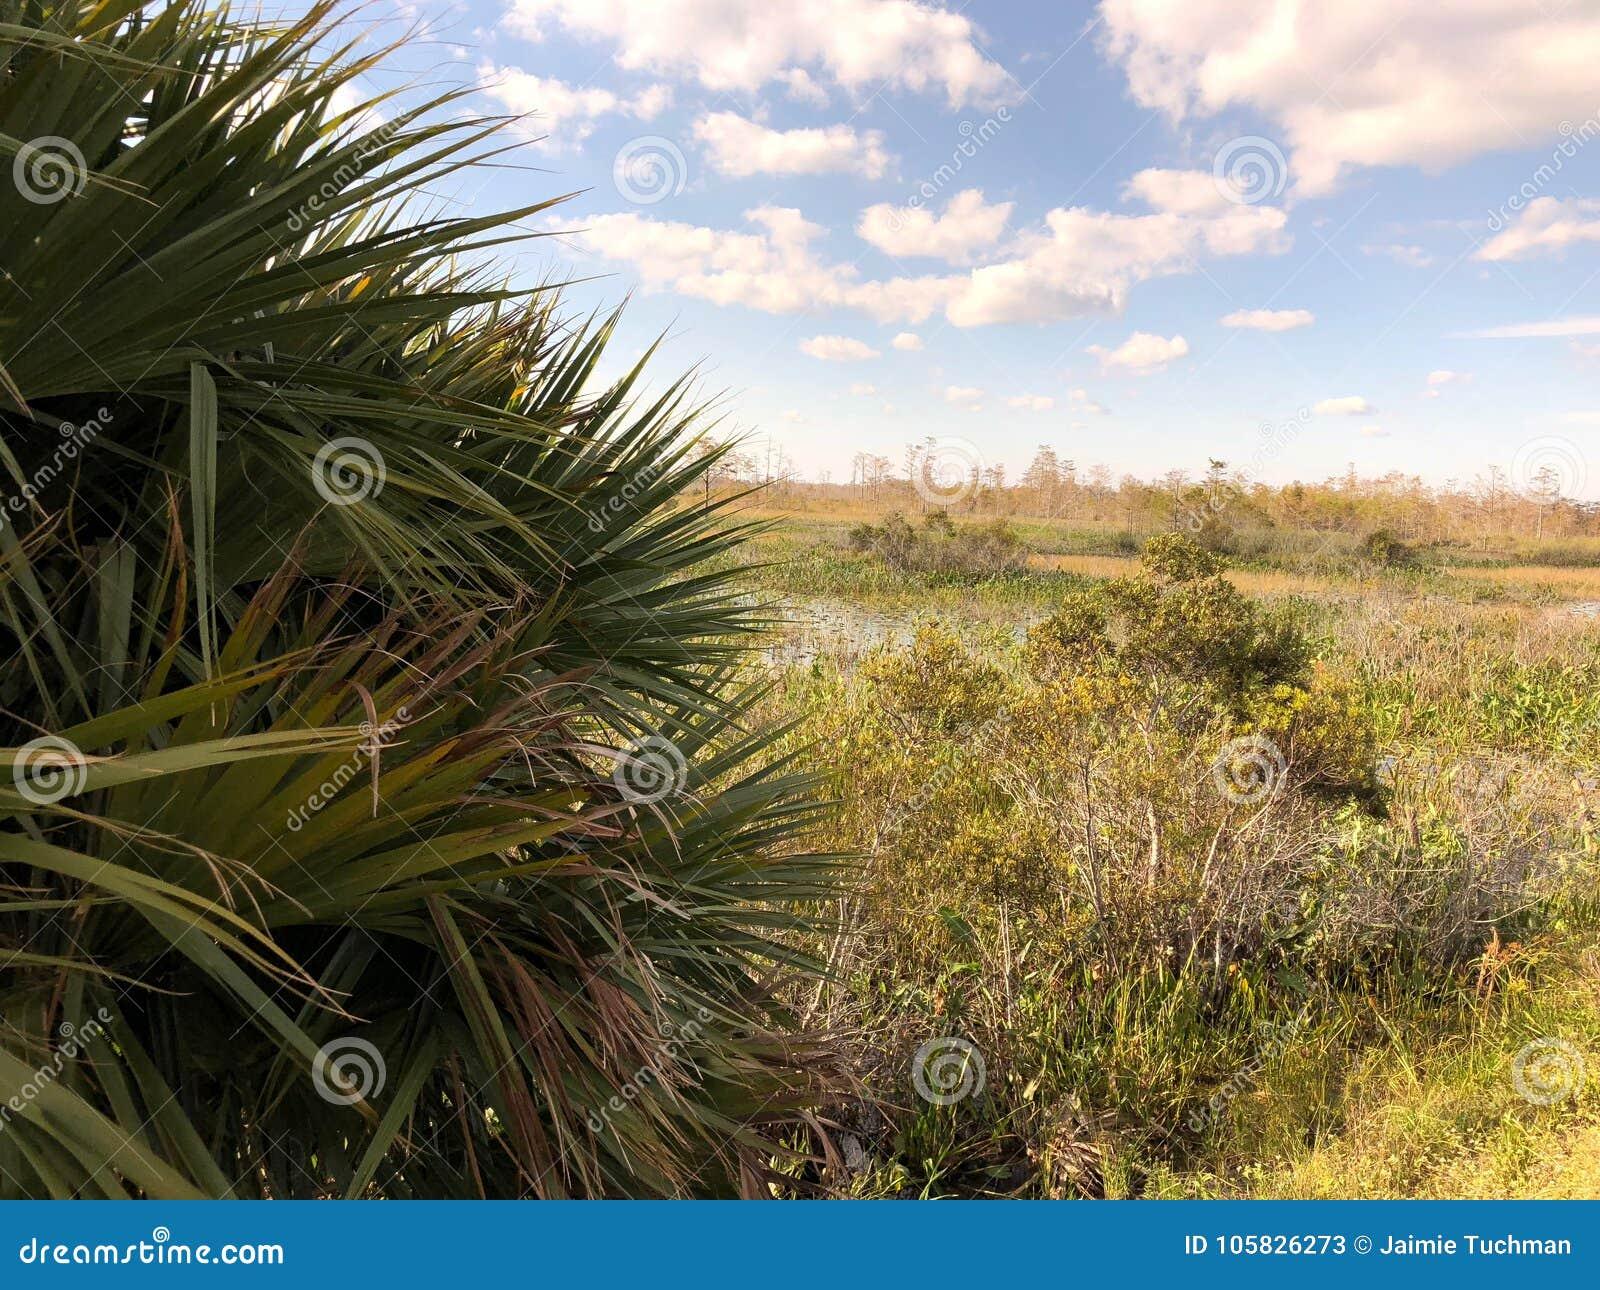 Louisiana Swamp stock image. Image of wetland, florida - 105826273